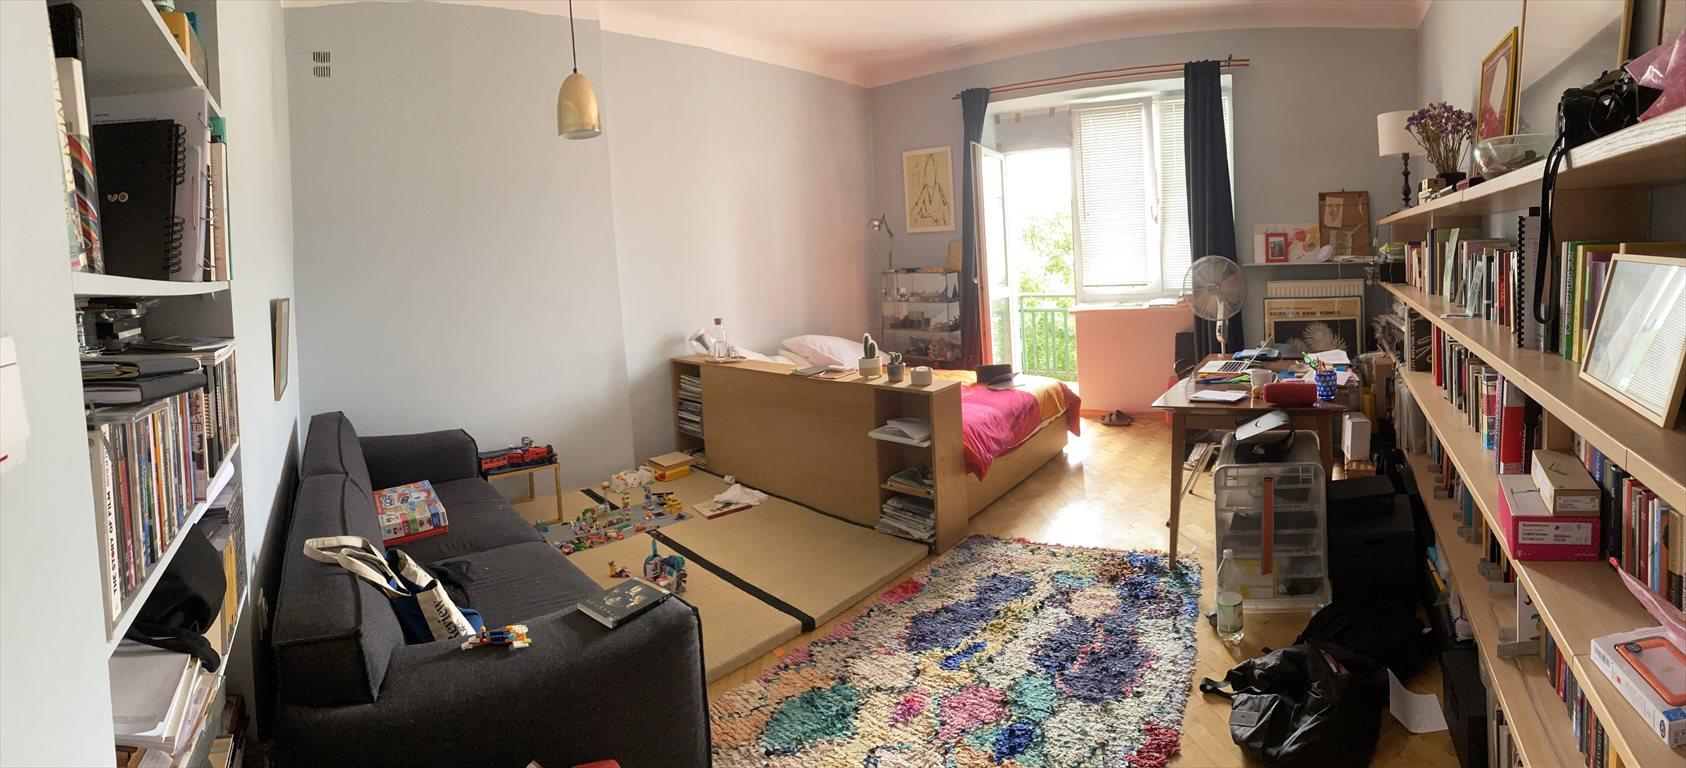 Mieszkanie dwupokojowe na sprzedaż Warszawa, Żoliborz, Mickiewicza  79m2 Foto 1